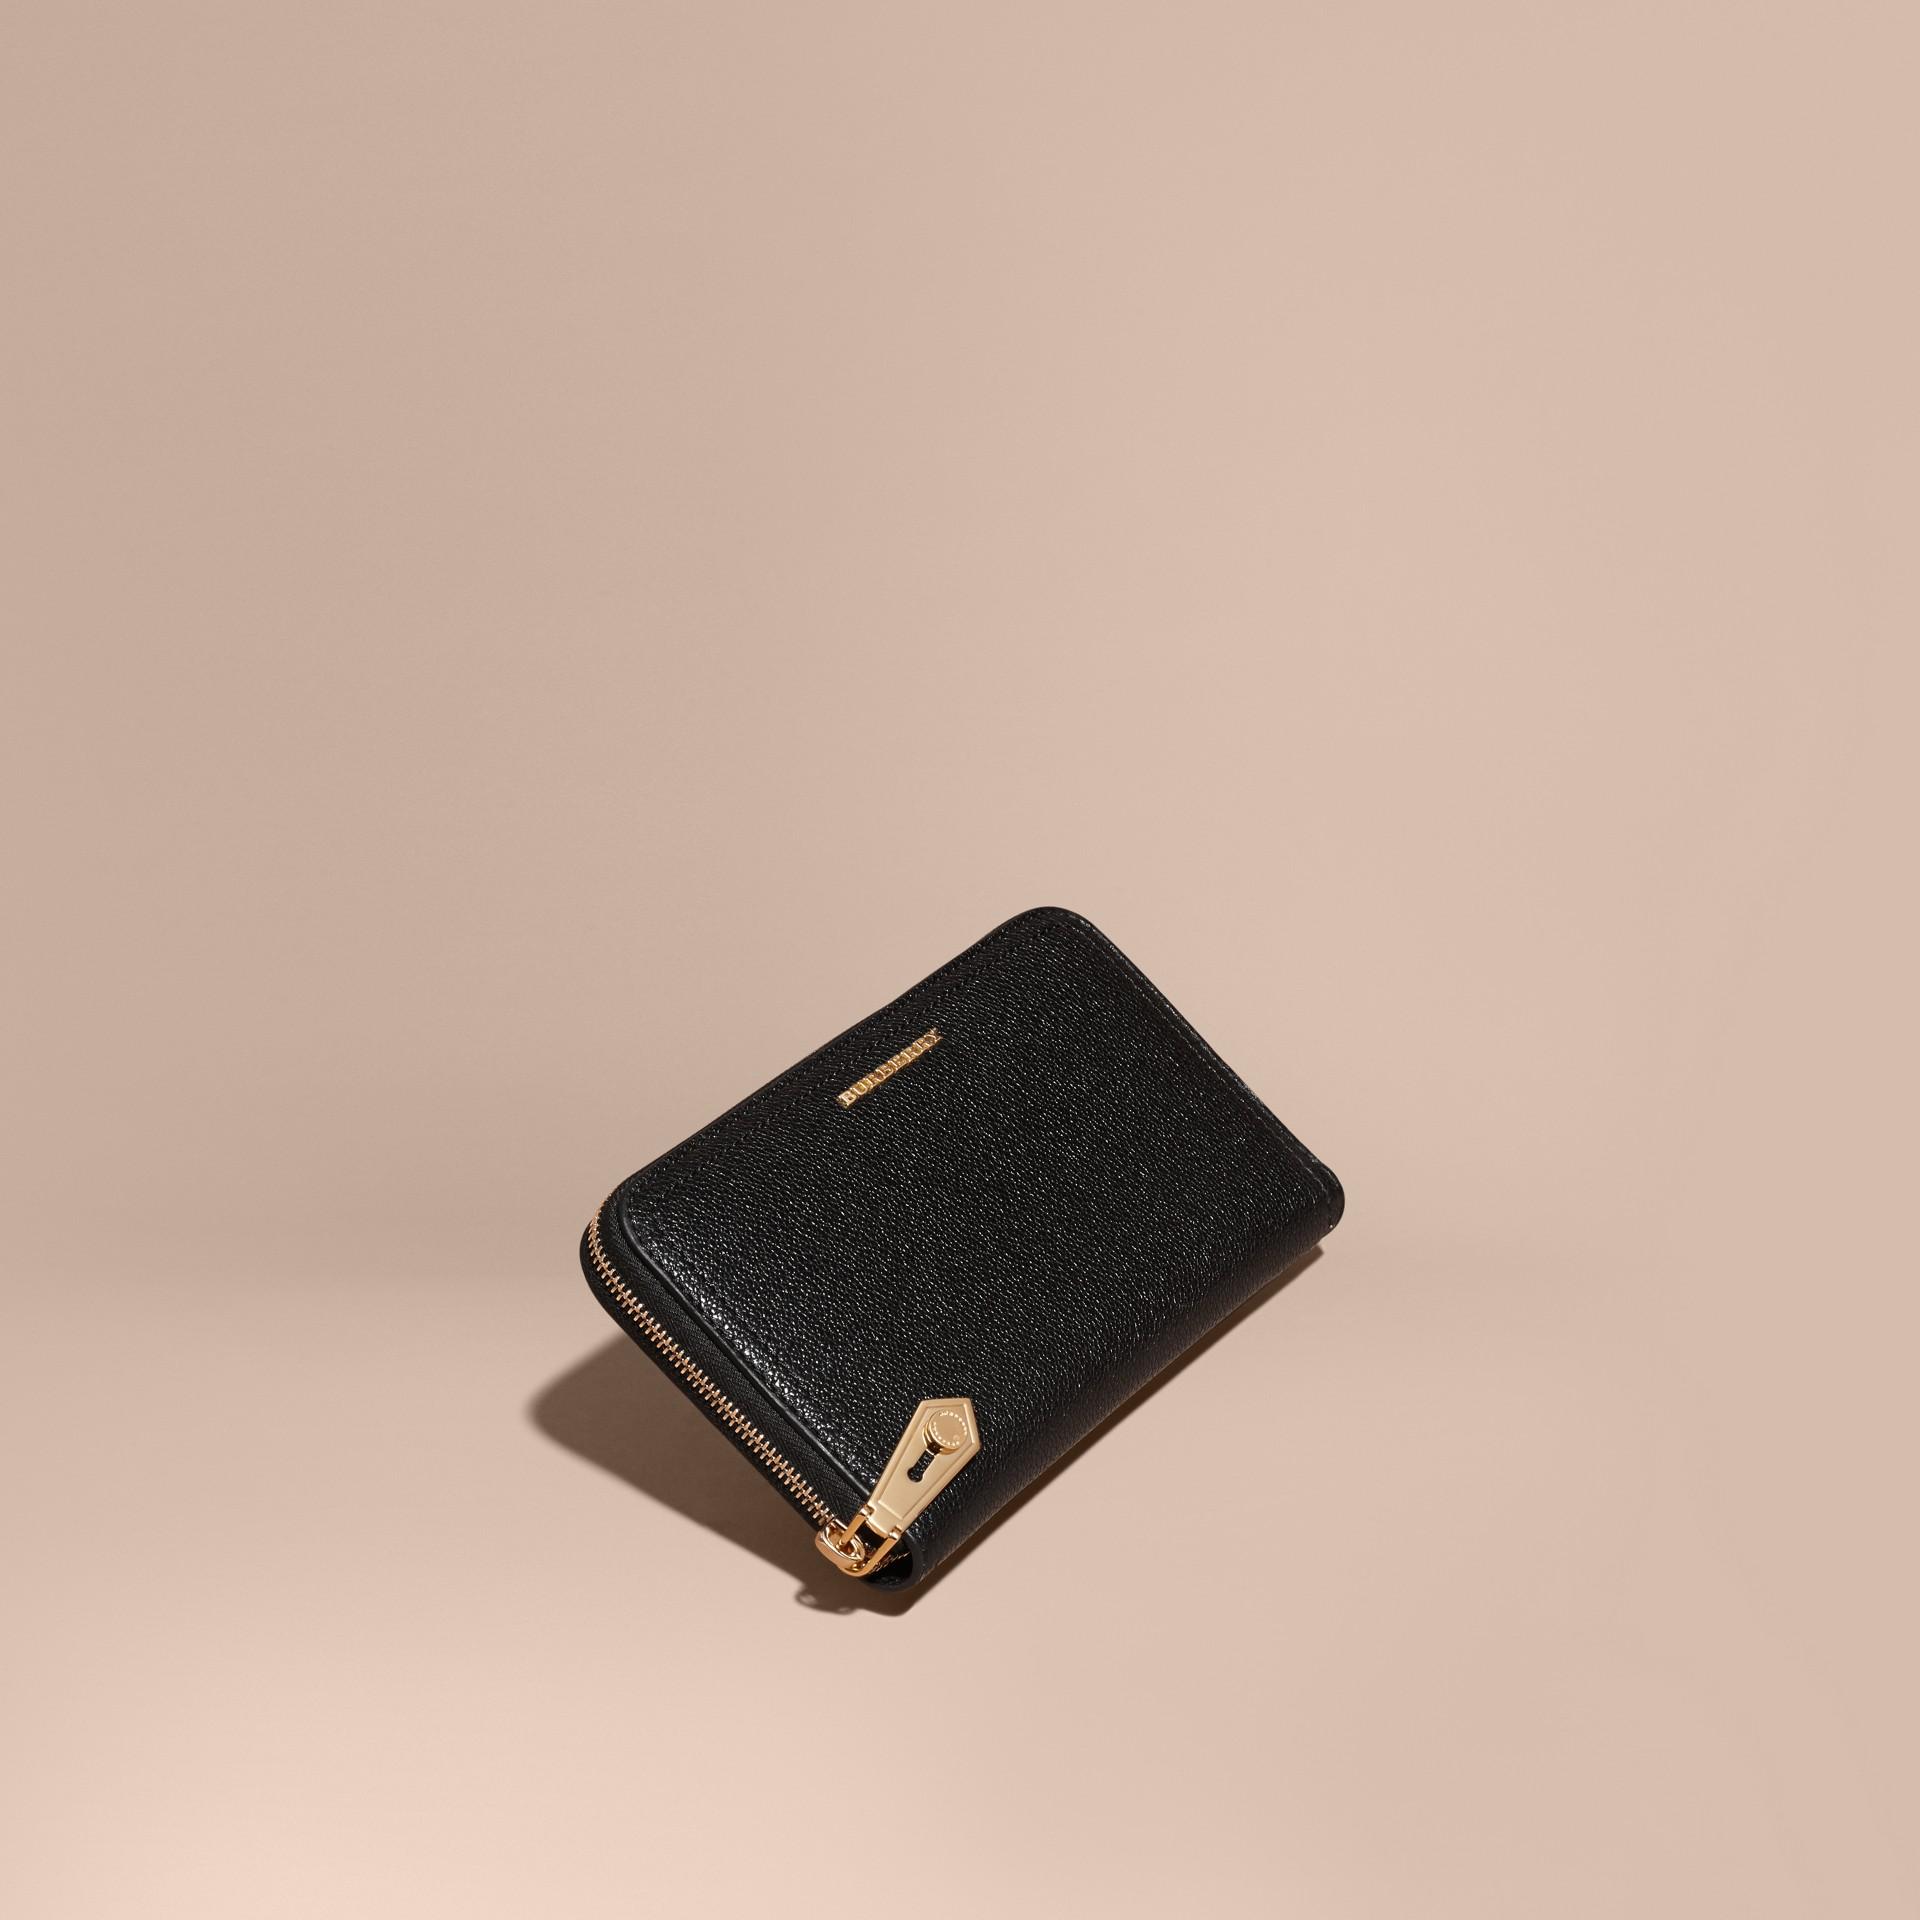 Nero Portafoglio in pelle a grana con cerniera su tre lati Nero - immagine della galleria 1